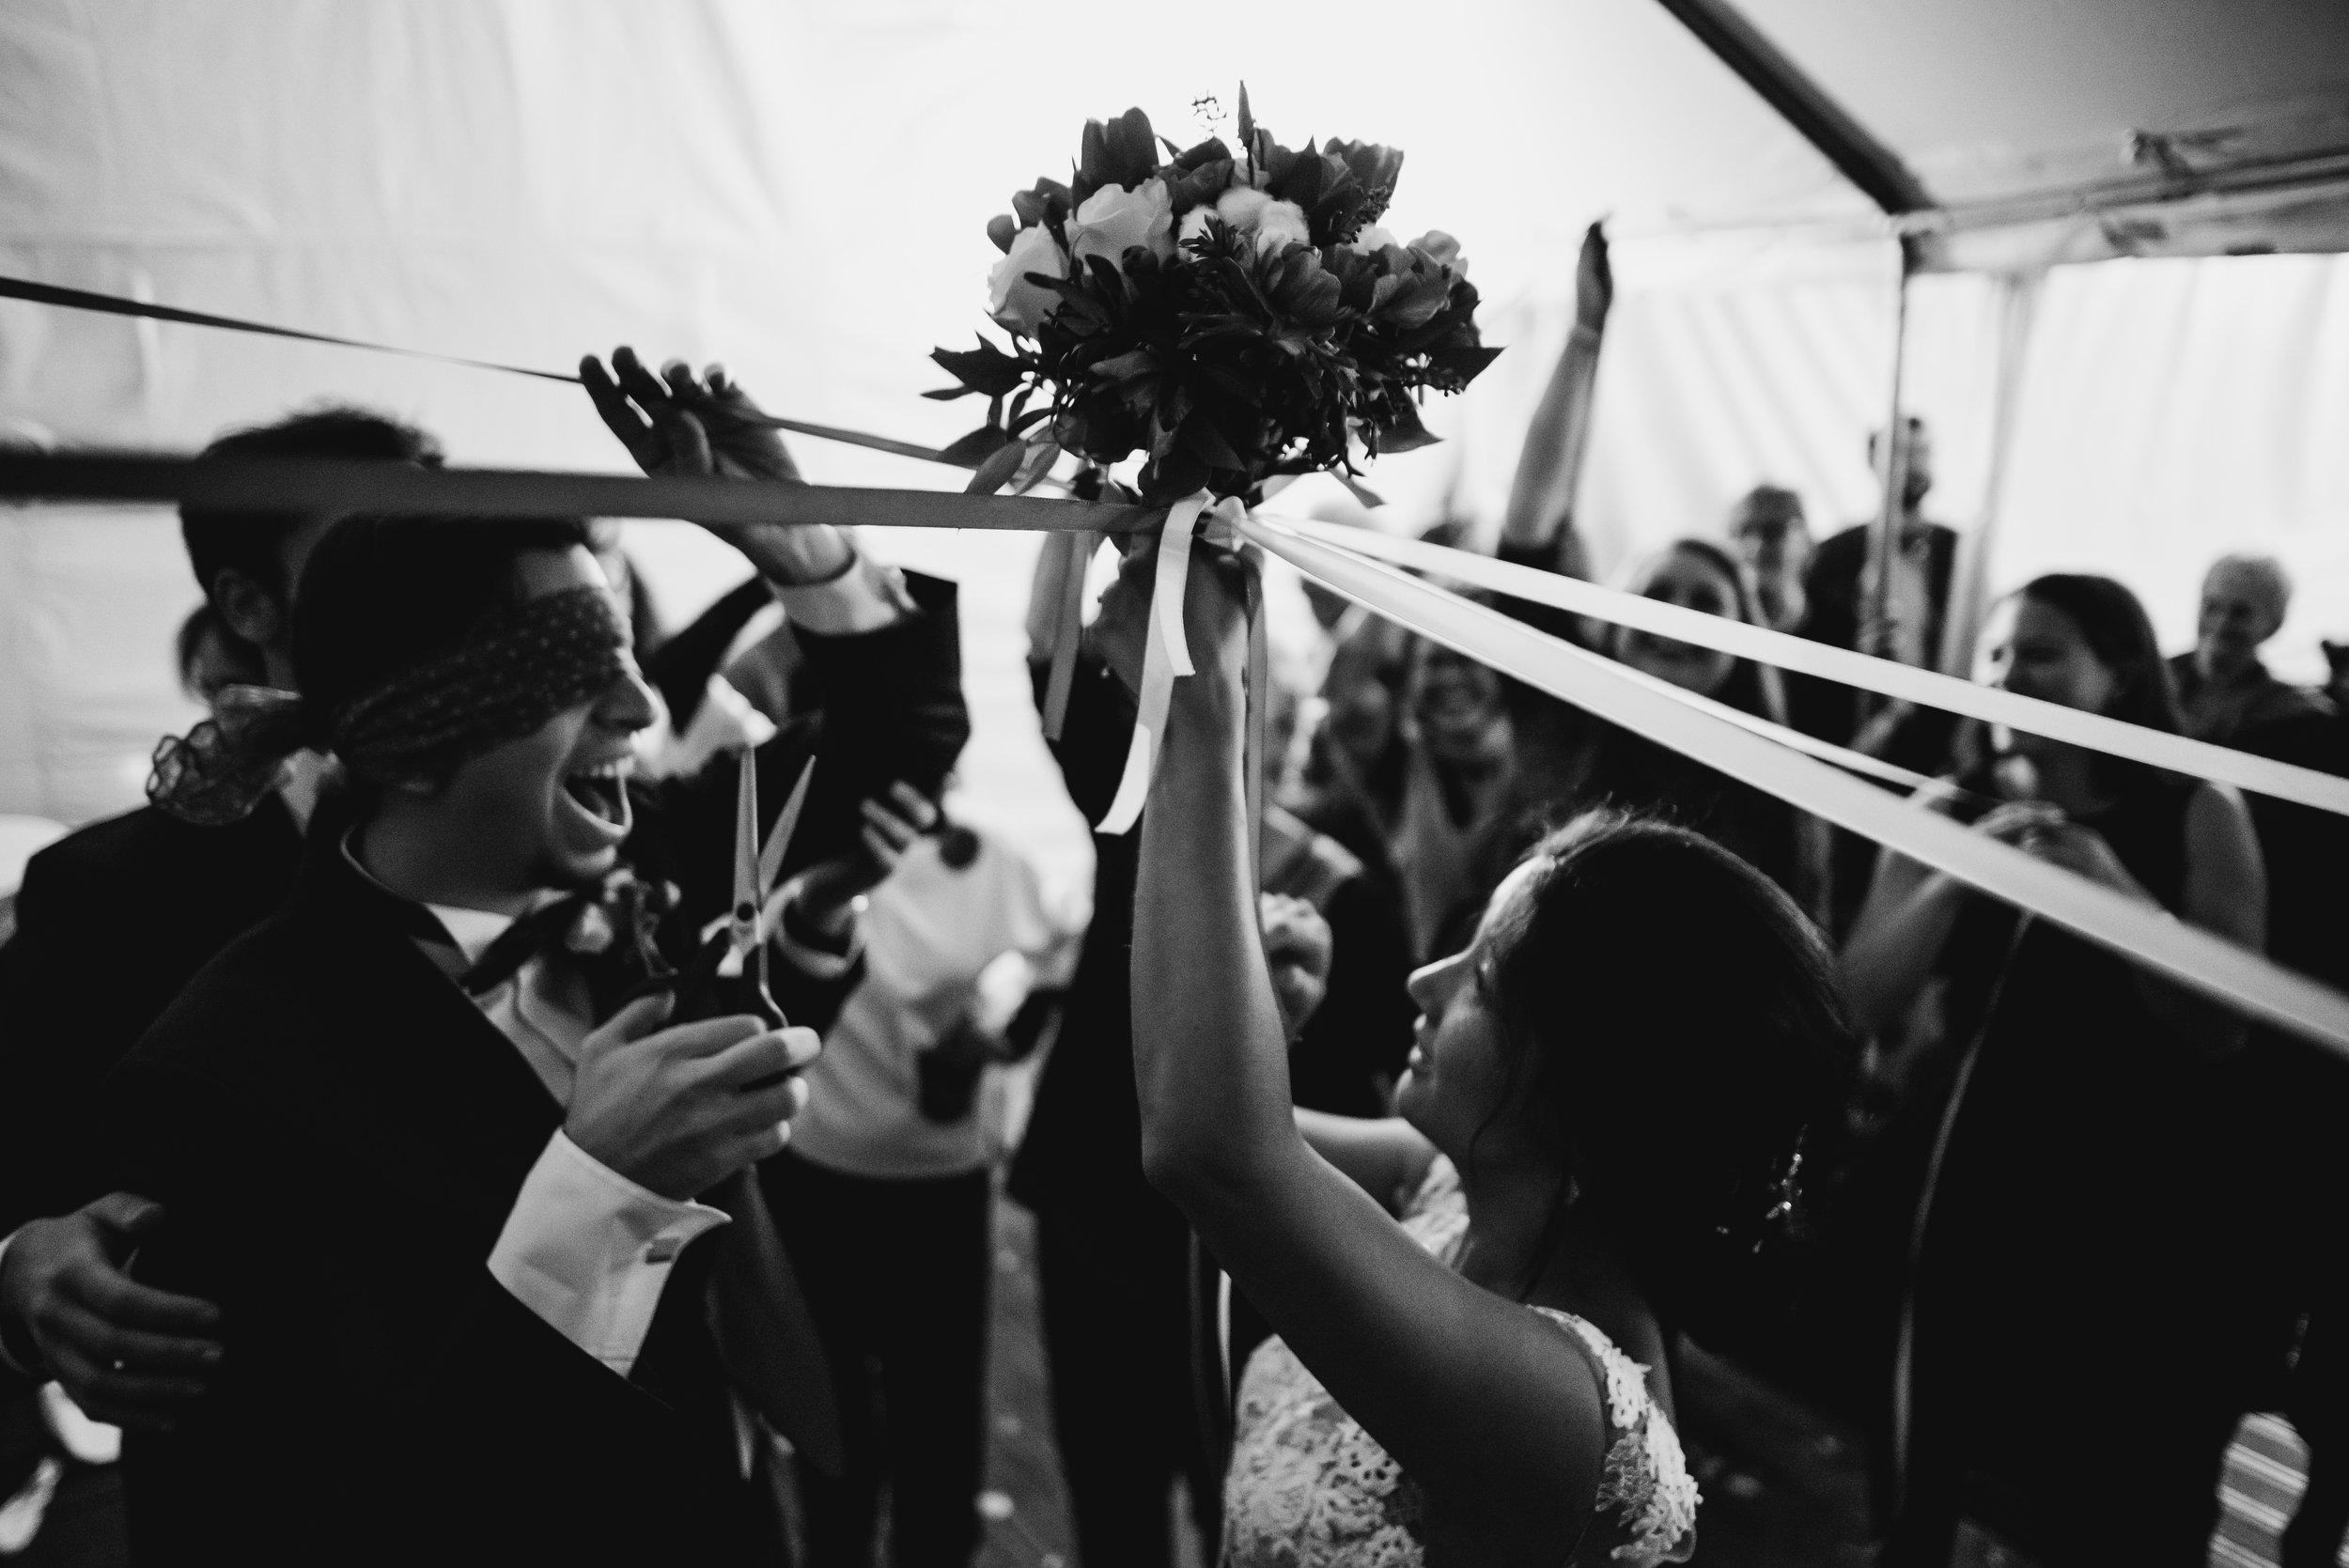 Léa-Fery-photographe-professionnel-lyon-rhone-alpes-portrait-creation-mariage-evenement-evenementiel-famille-2-135.jpg